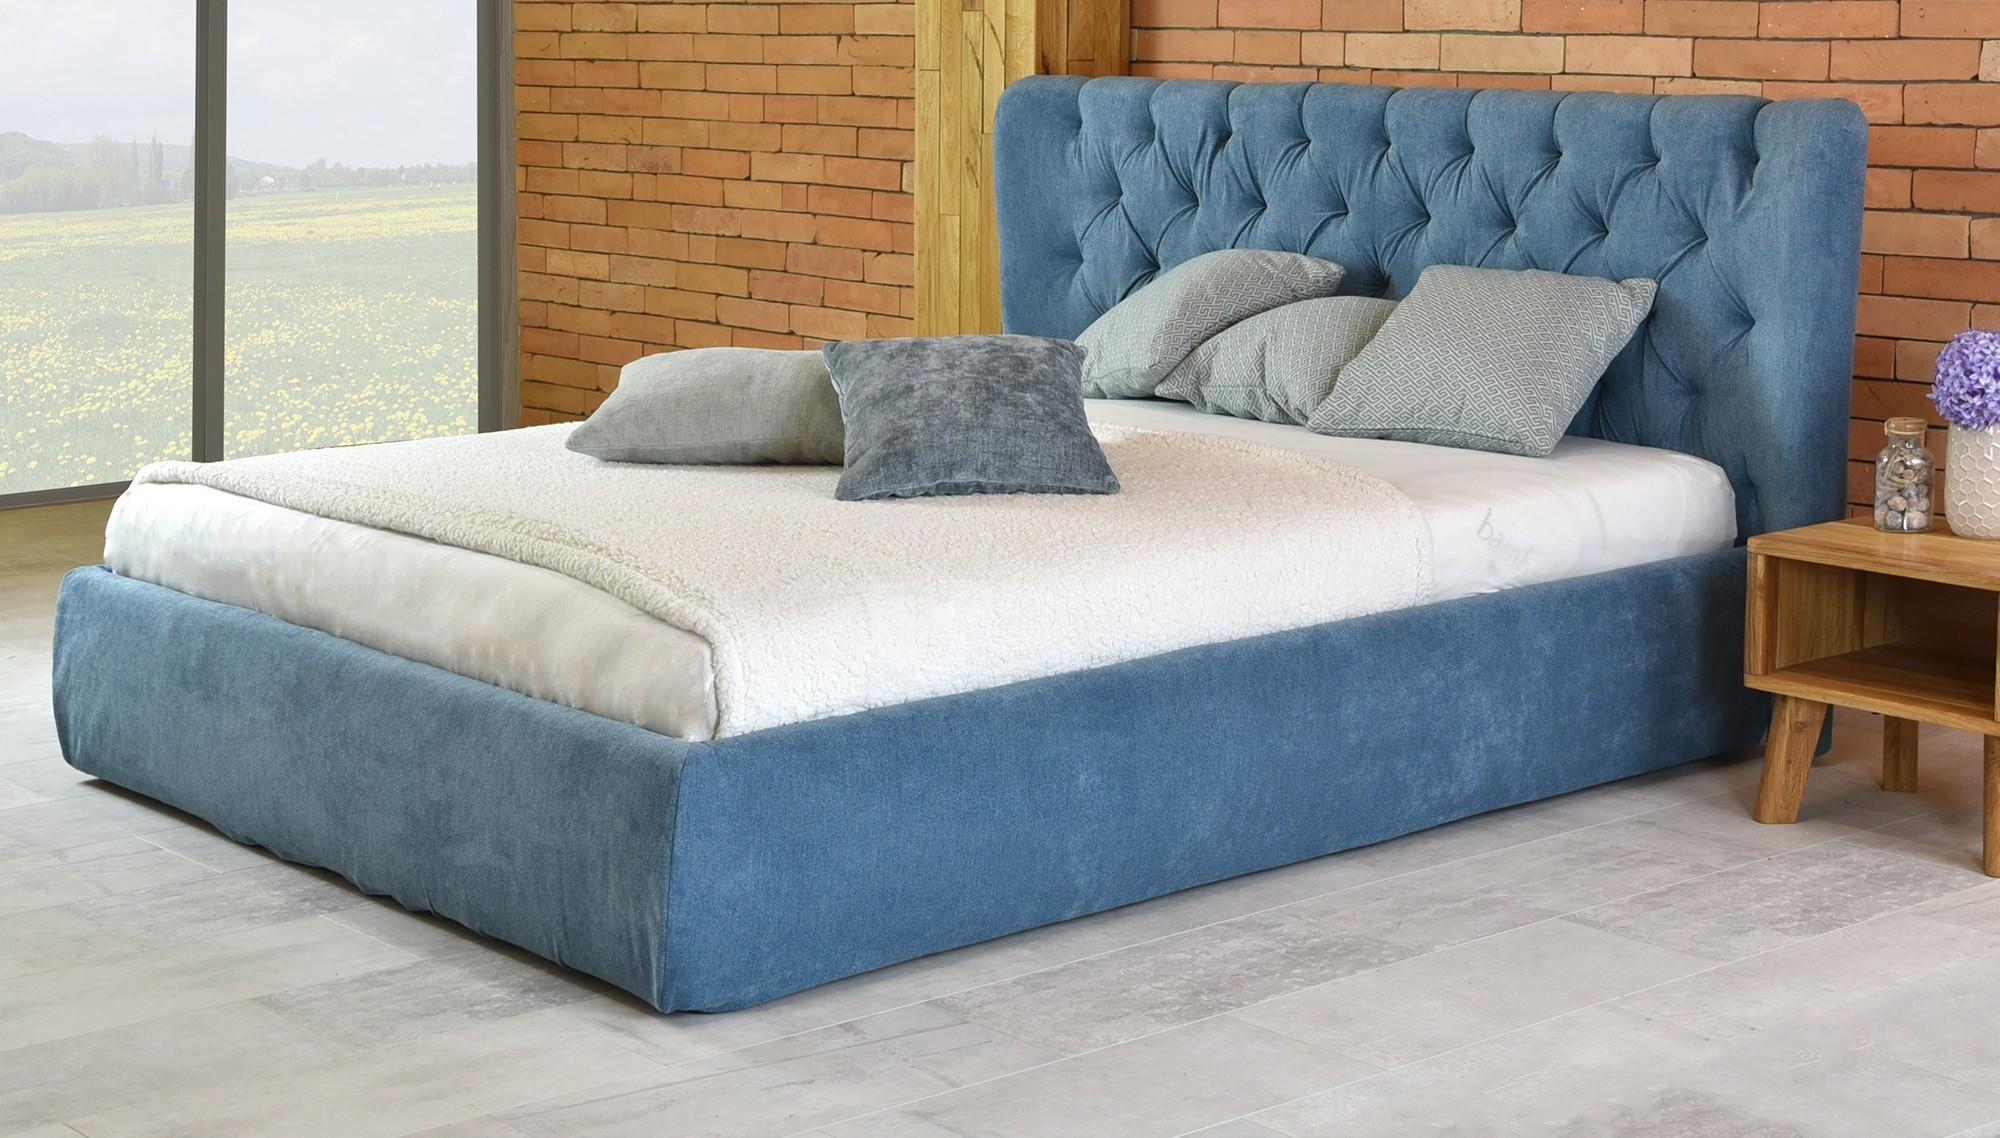 31d86f820611 Manželská čalúnená posteľ (glam 160 x 200